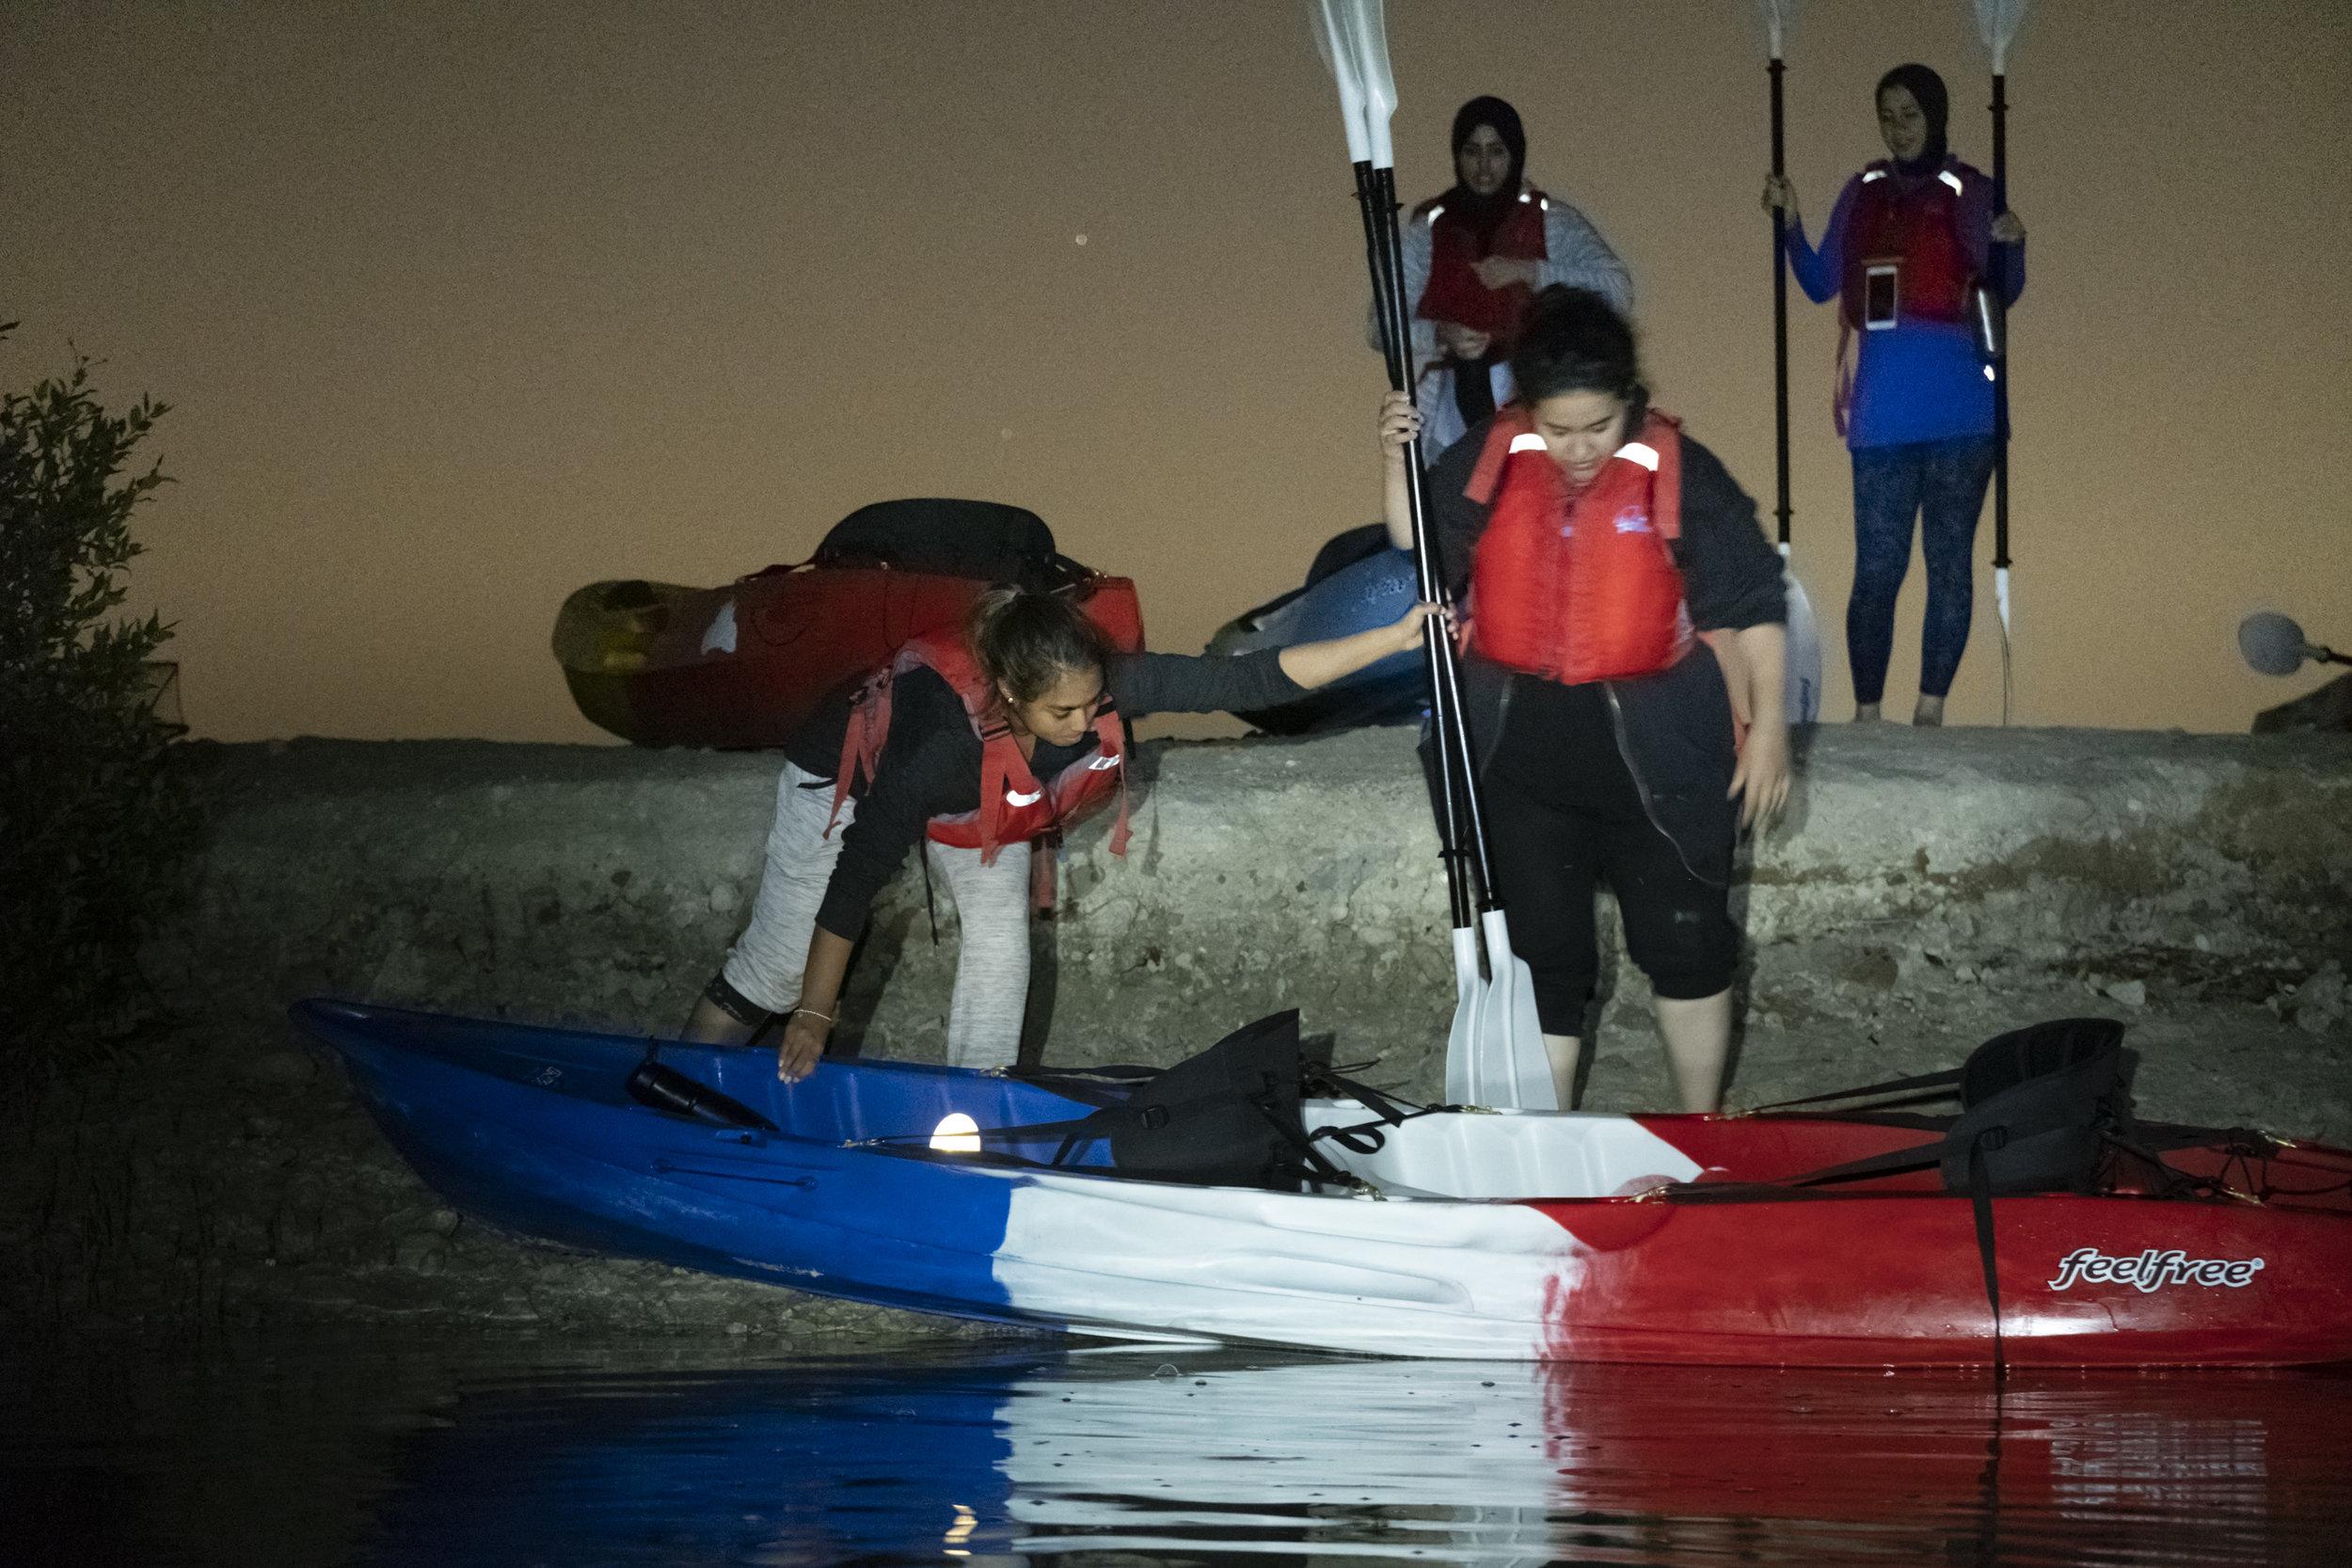 Going for night kayak_Abu Dhabi_(c)Oliver Wheeldon.jpg